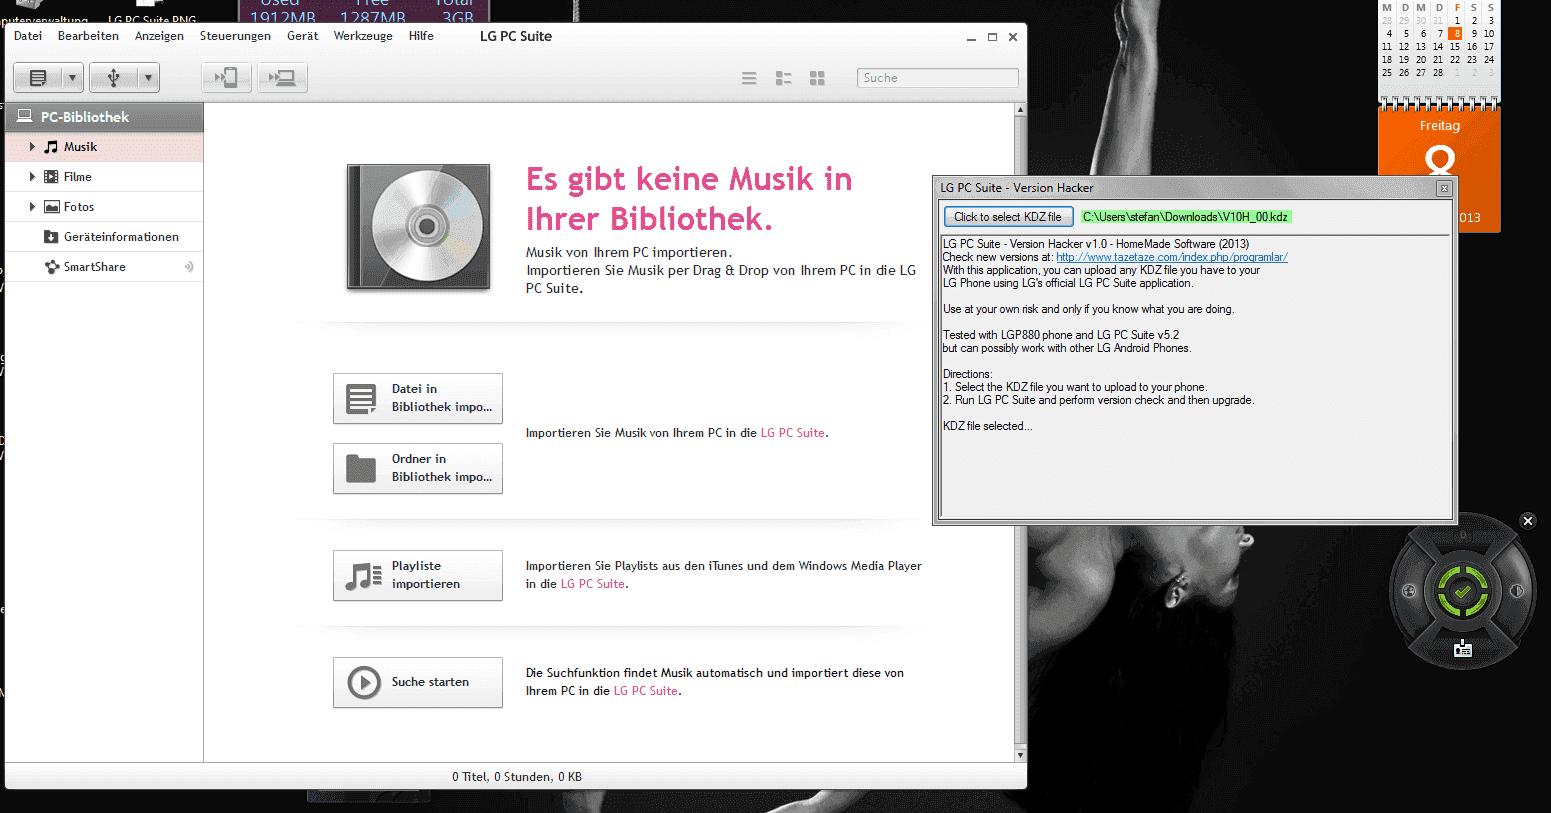 ANLEITUNG] LG PC Suite Version Hacker - Flashe deine KDZ-Dateien mit